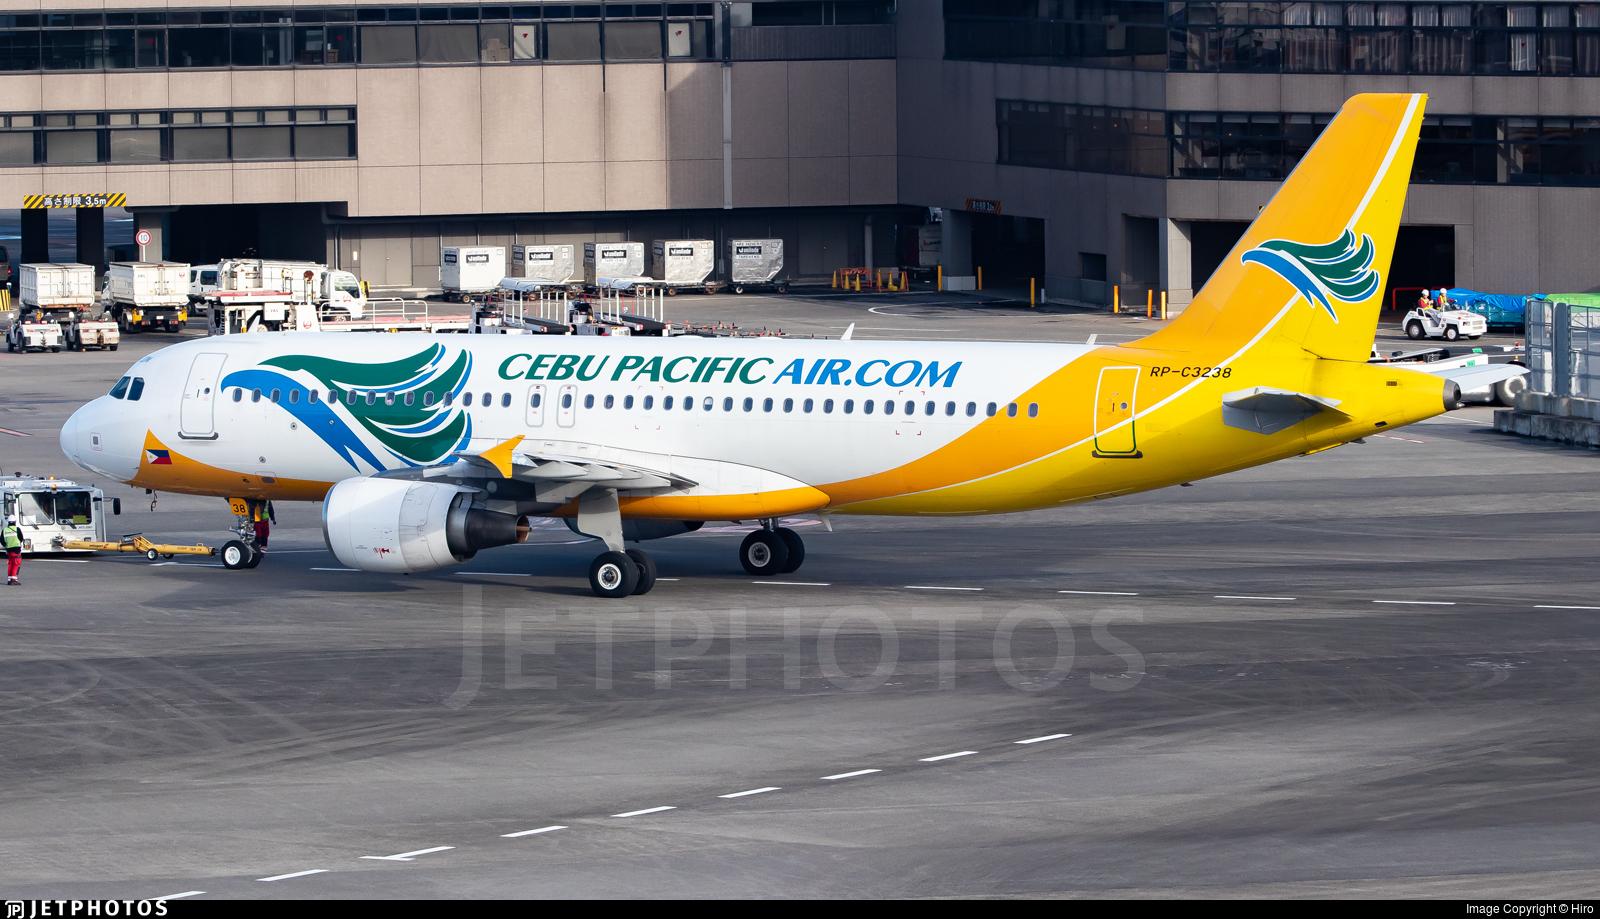 RP-C3238 - Airbus A320-214 - Cebu Pacific Air